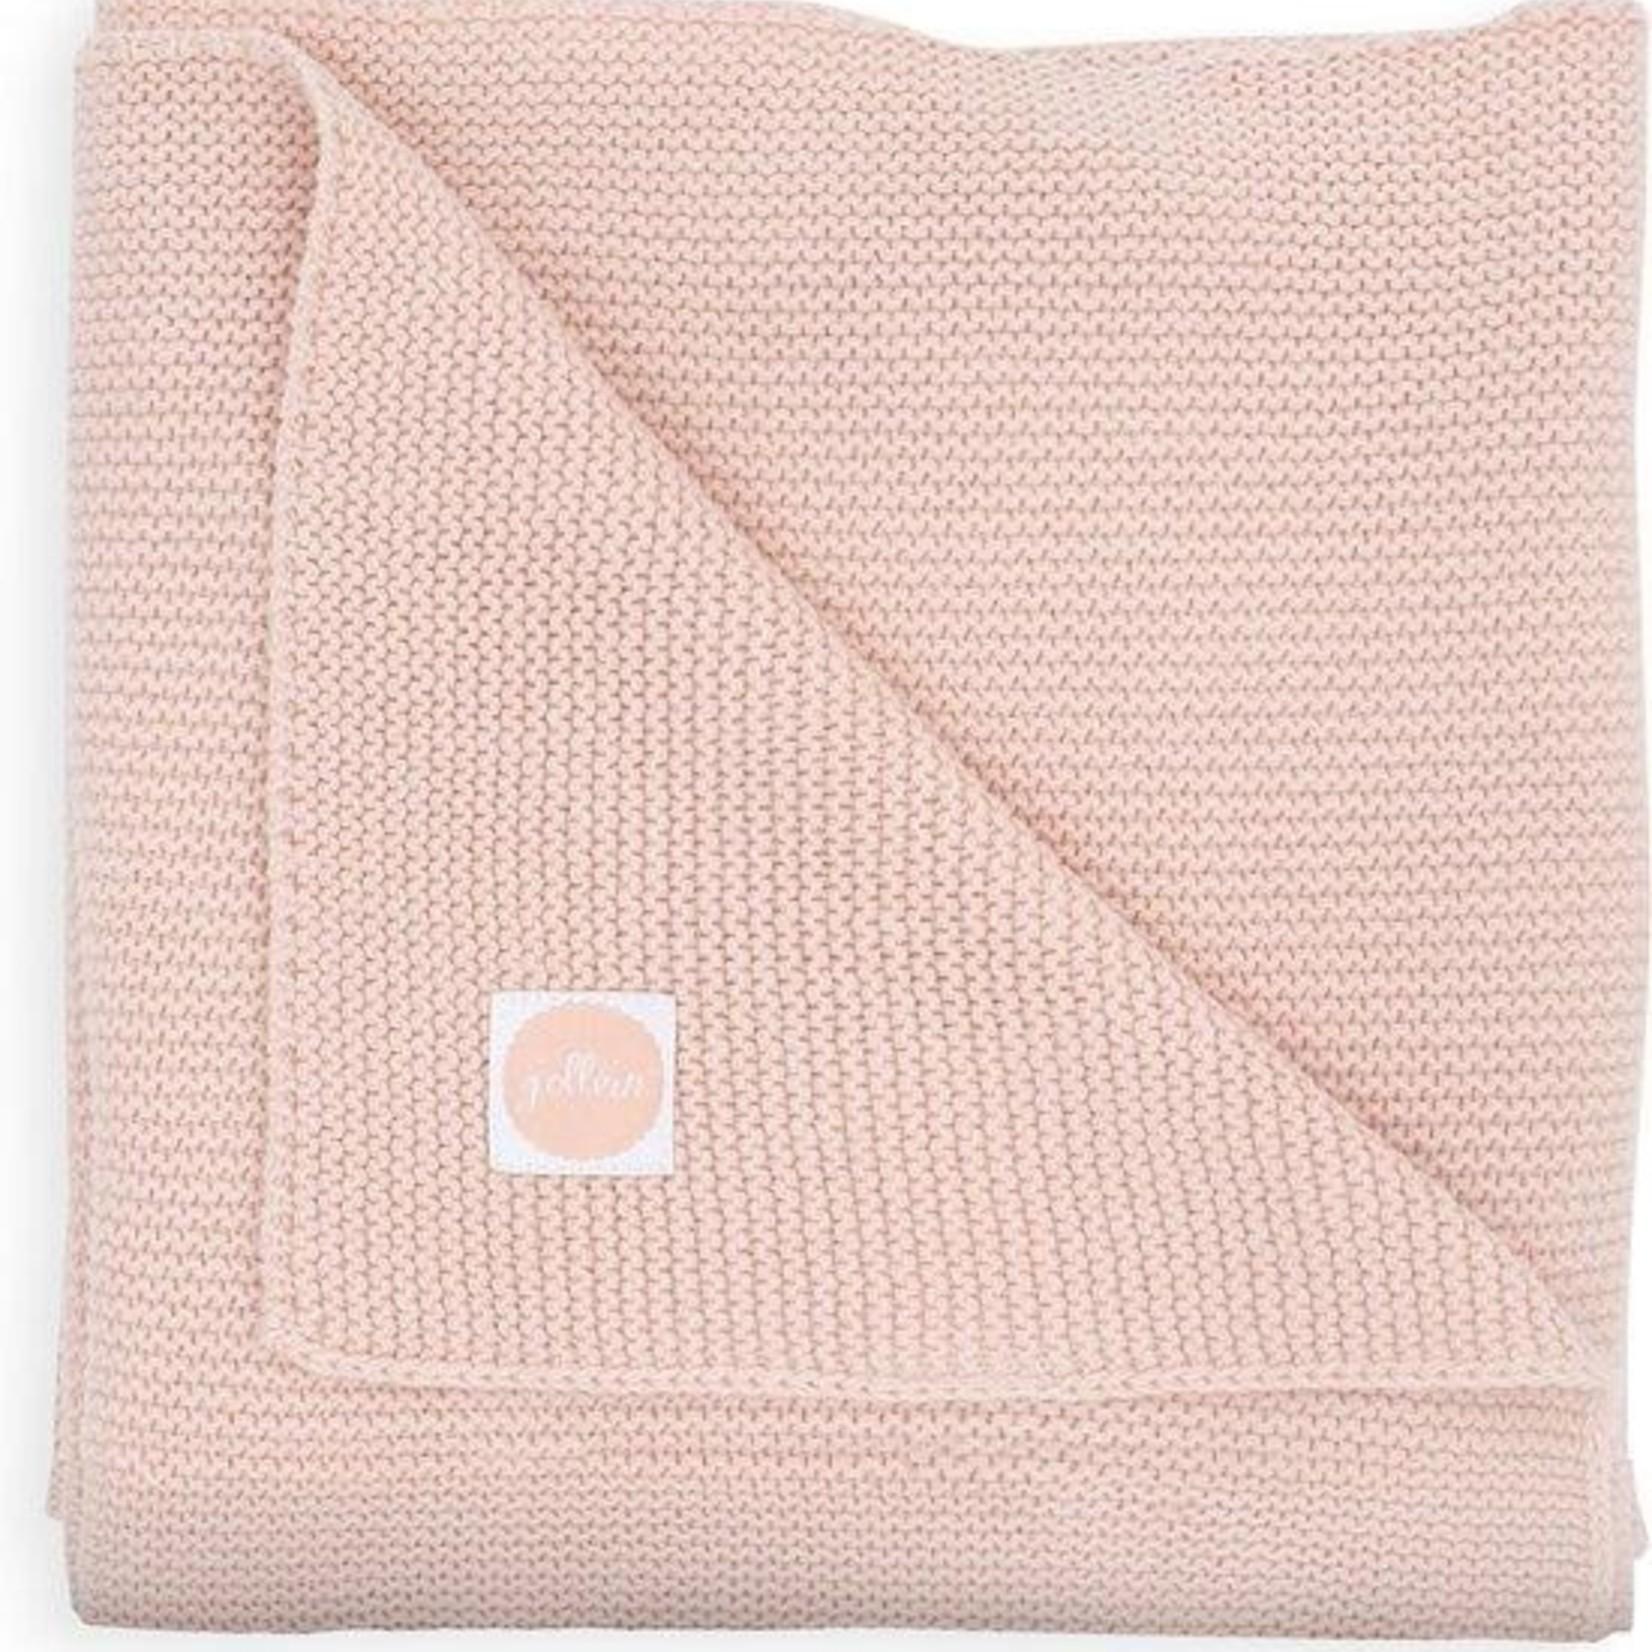 Jollein Jollein Deken Basic knit 75x100cm Pale pink